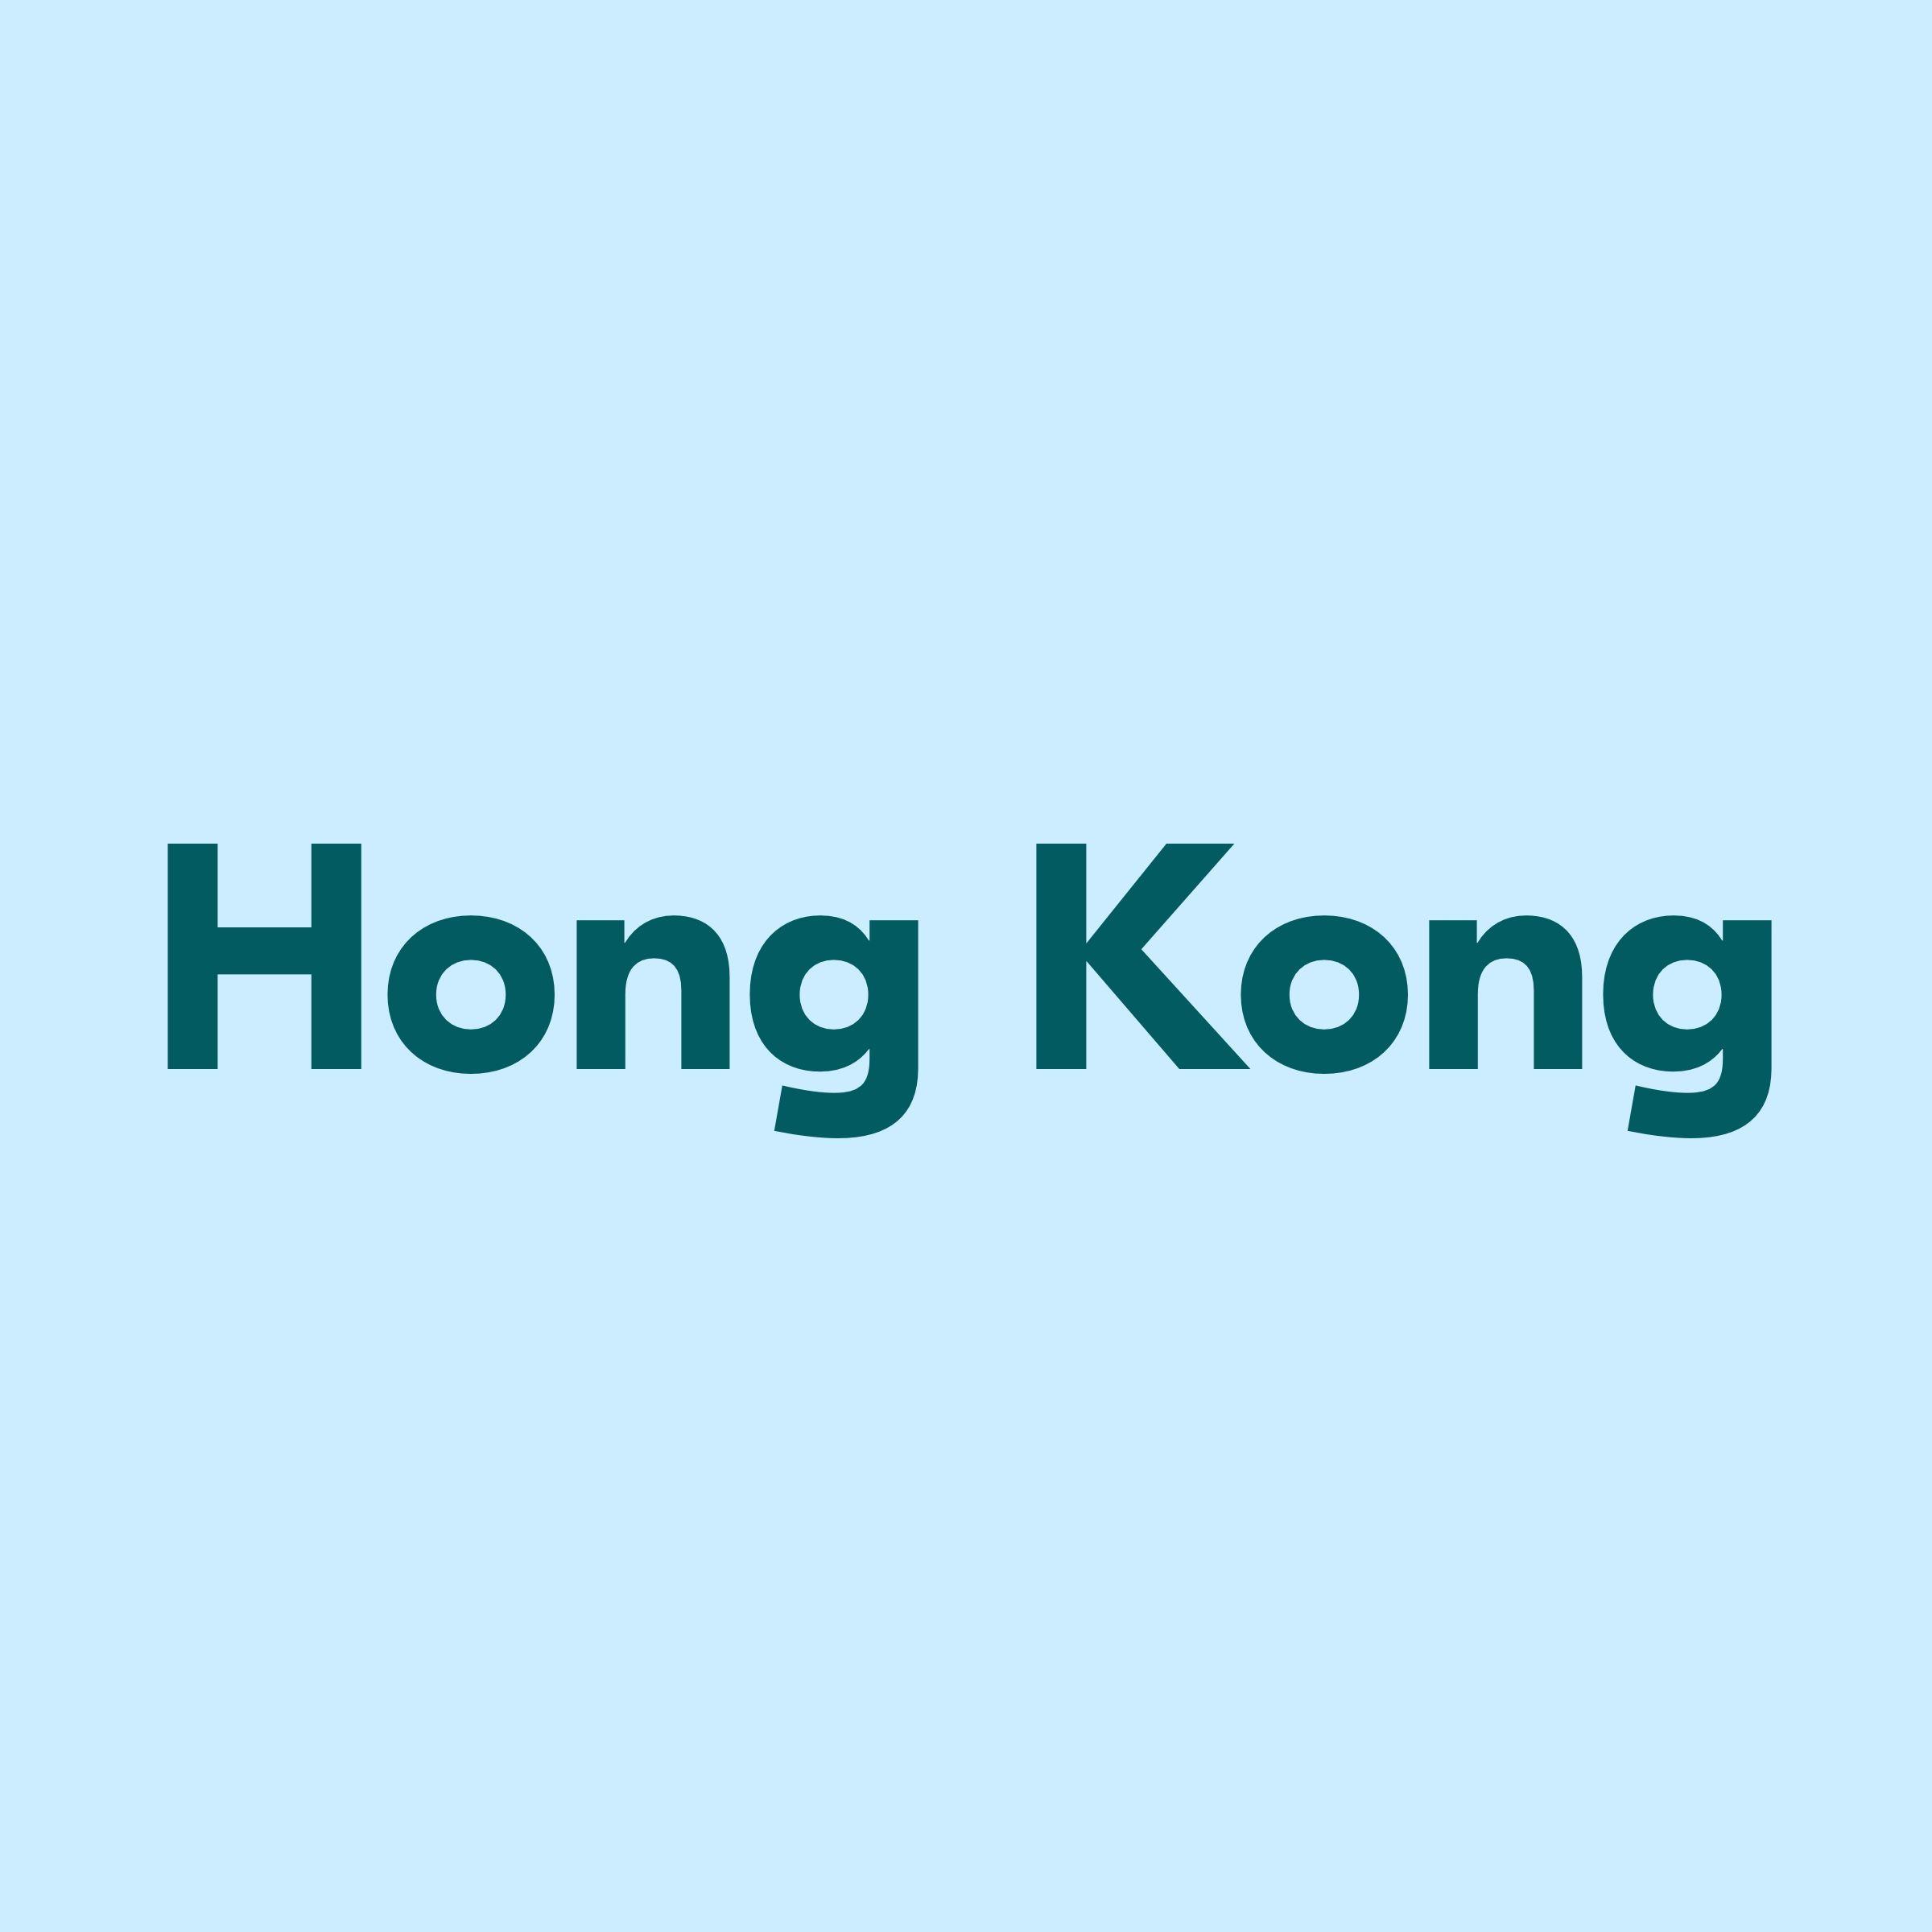 Pin By Getyourguide On Things To Do In Hong Kong Hong Kong Kong Hong